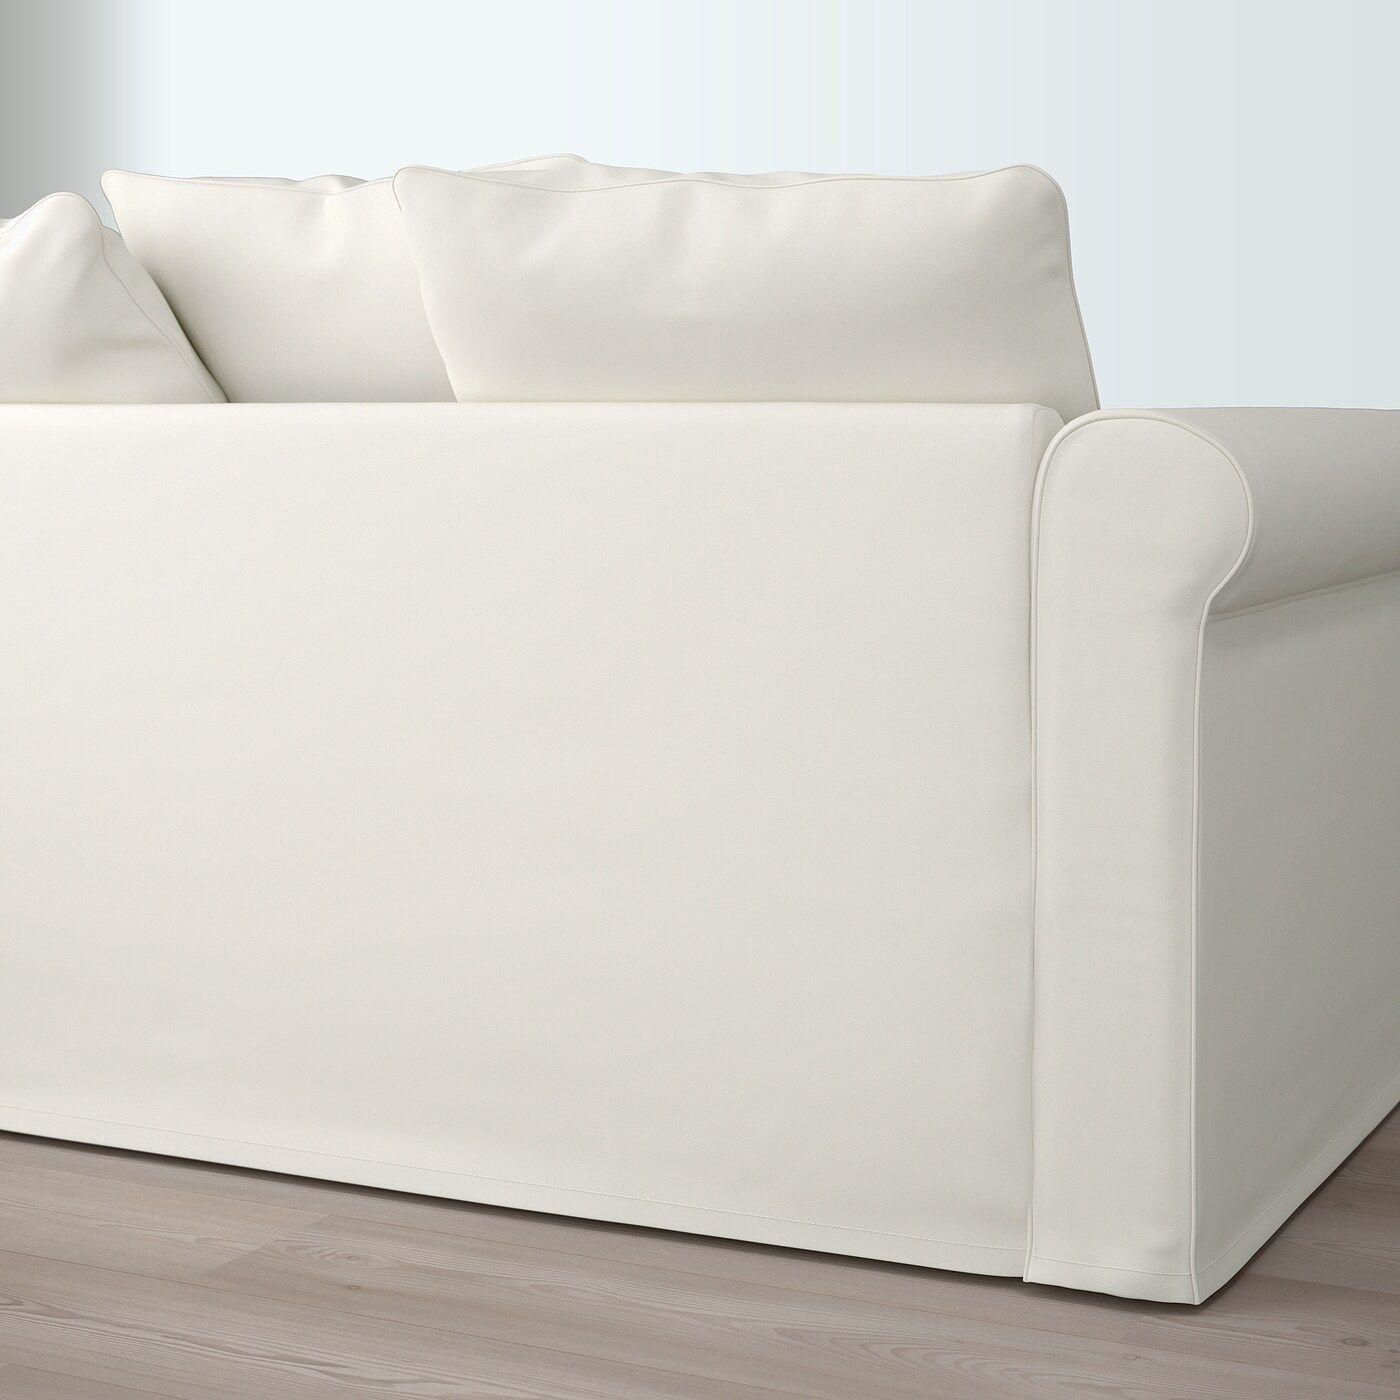 Gronlid 4er Sofa Mit Recamieren Inseros Weiss Ikea Osterreich In 2020 Sofa 3er Sofa 2er Sofa